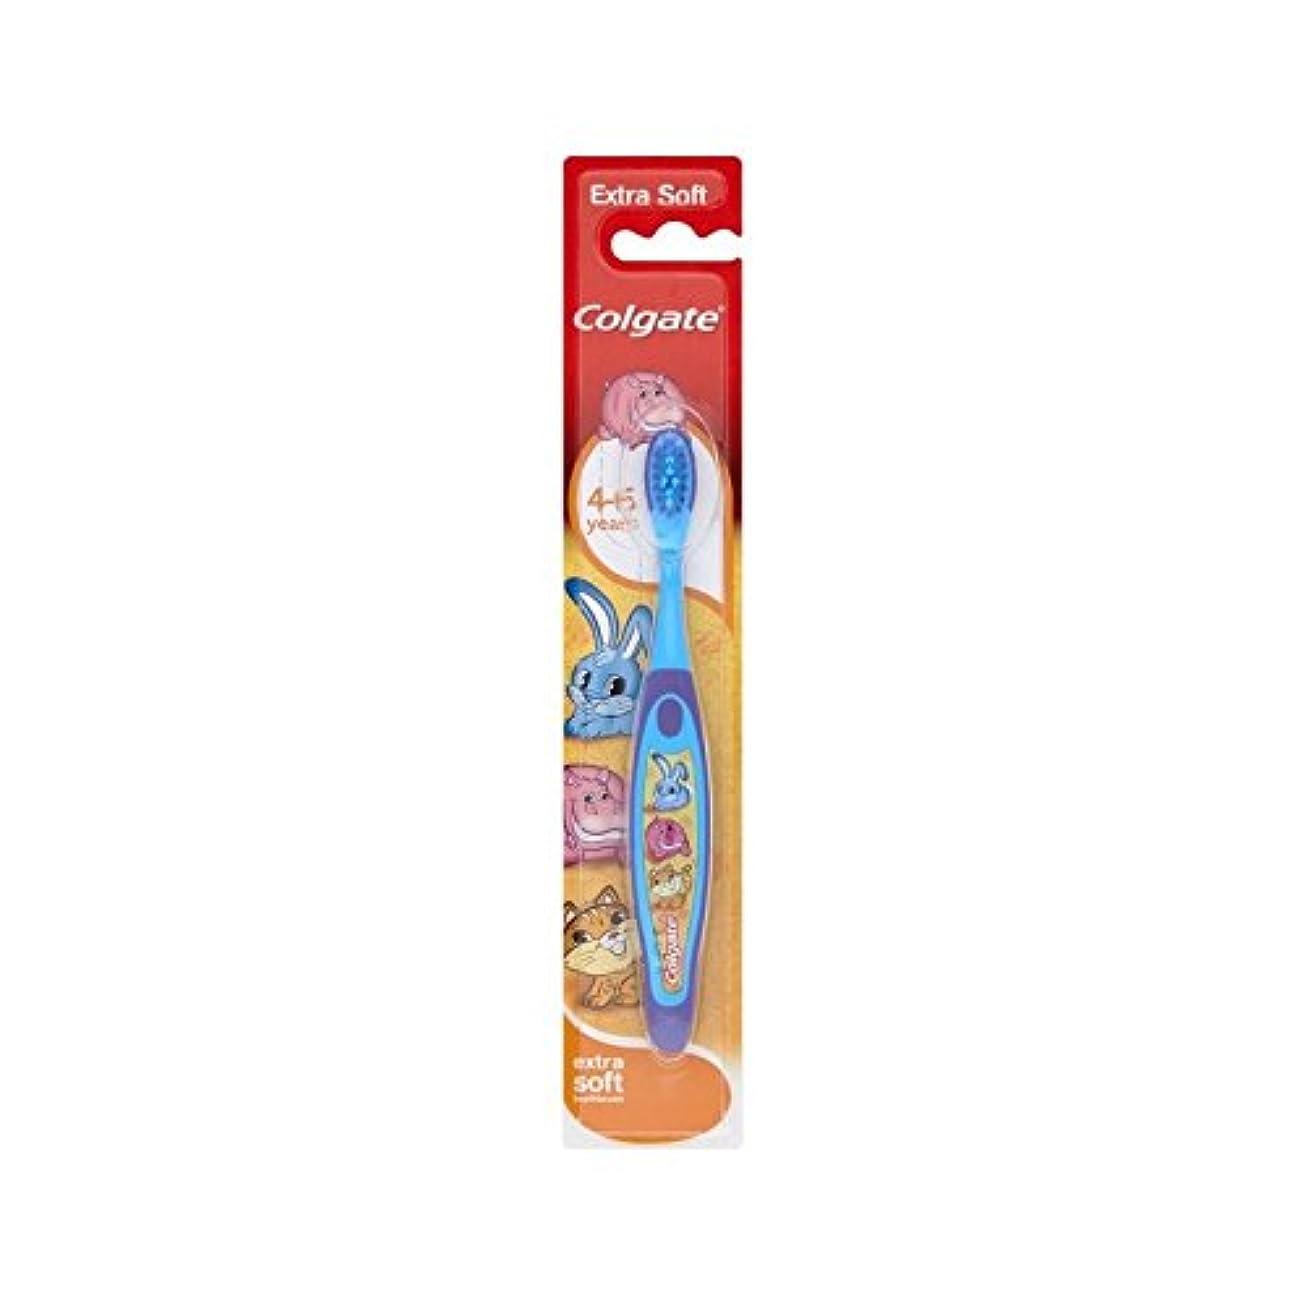 遺伝的無視できる予定4-6歳の歯ブラシを笑顔 (Colgate) (x 2) - Colgate Smiles 4-6 Years Old Toothbrush (Pack of 2) [並行輸入品]